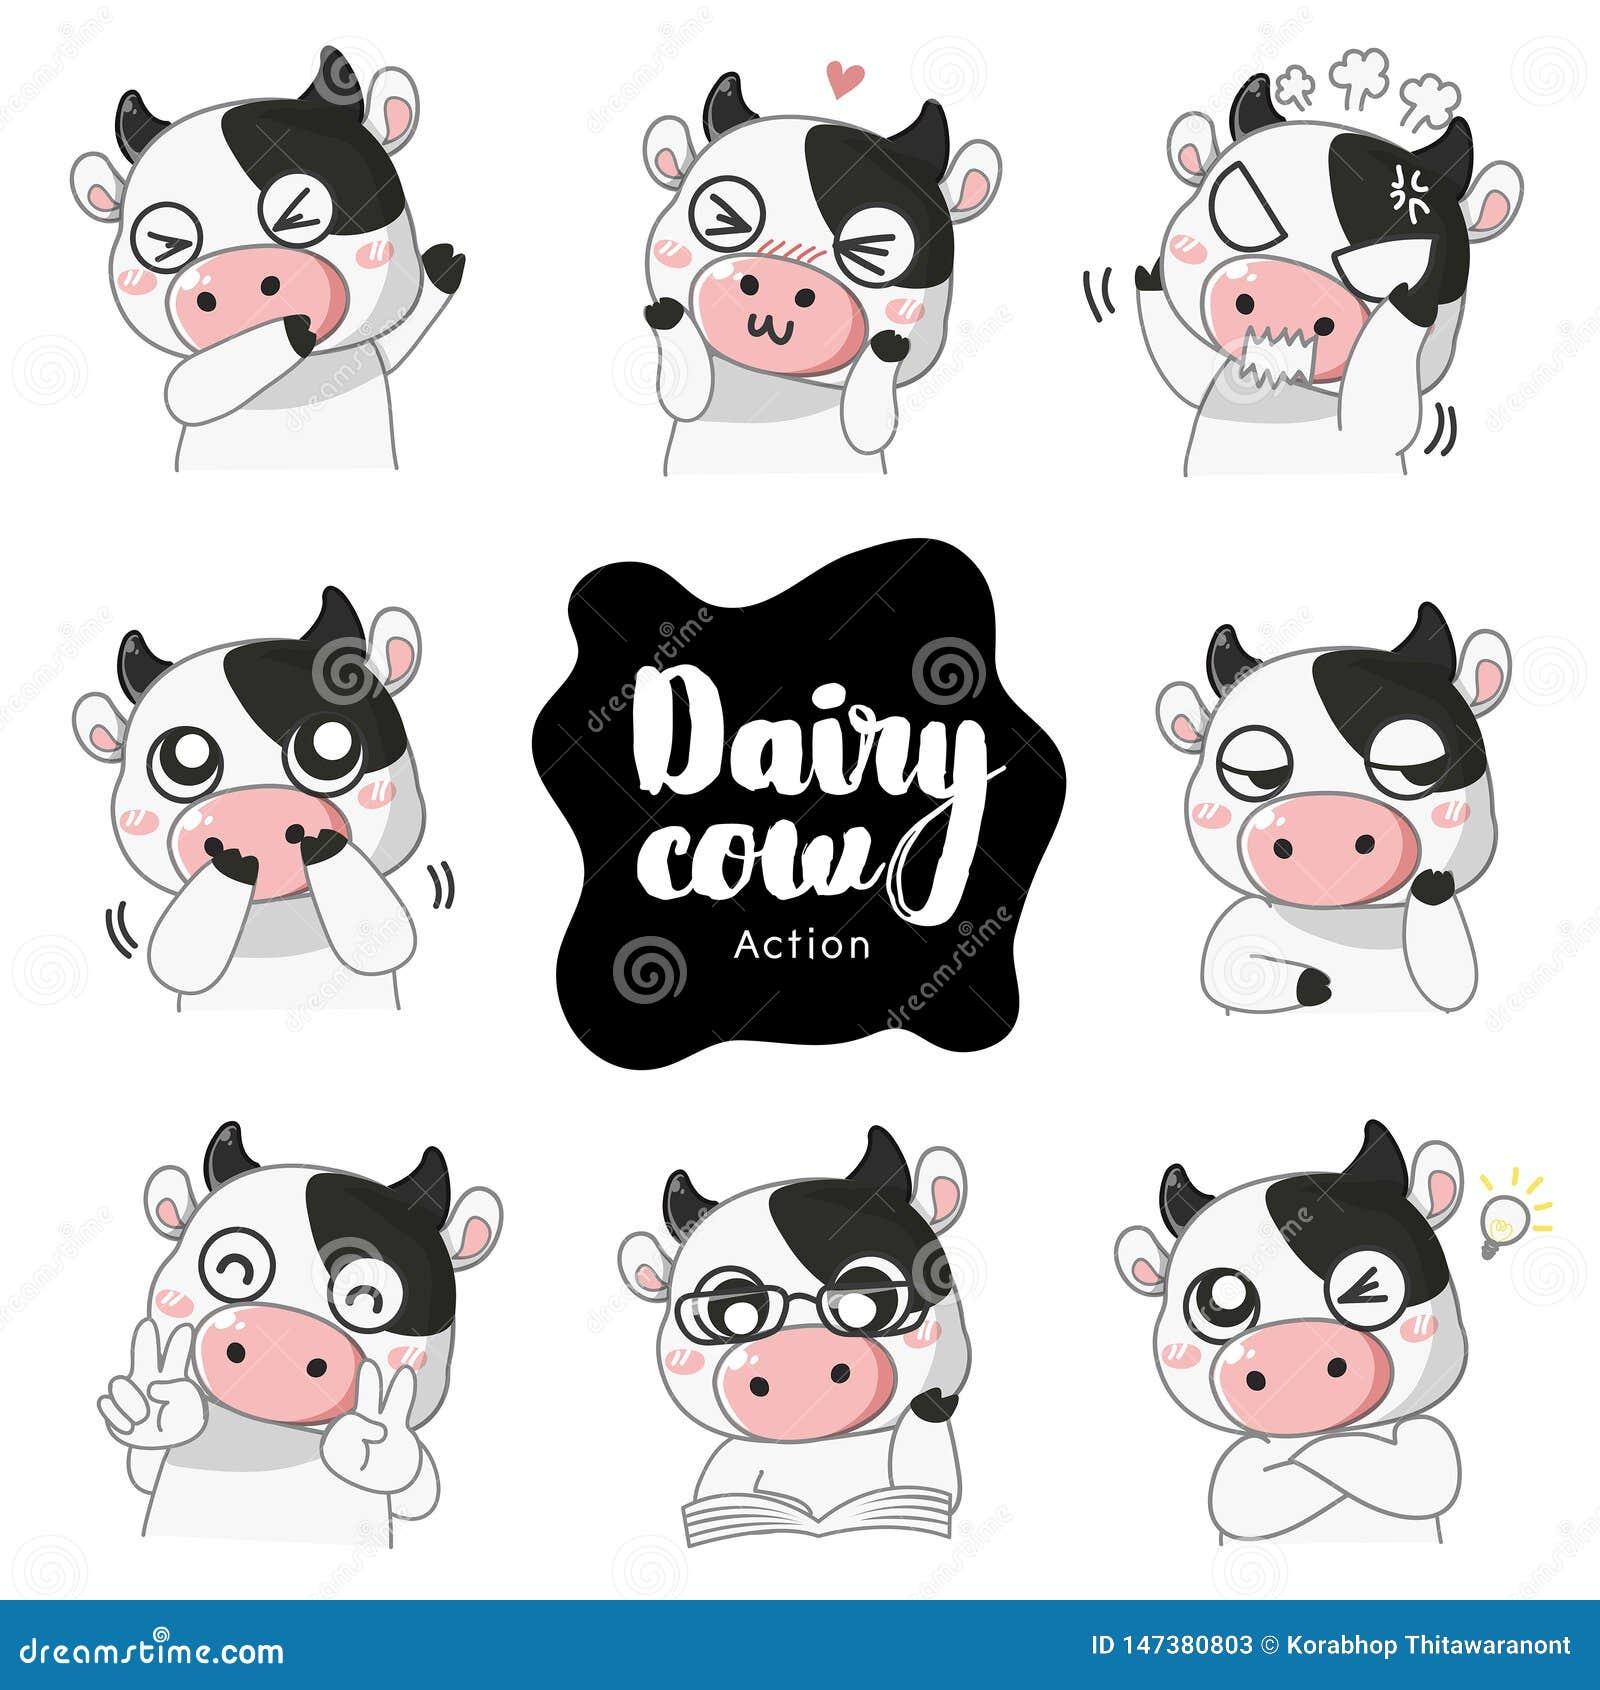 Πολλοί χαριτωμένη γαλακτοκομική αγελάδα συγκίνησης μασκότ